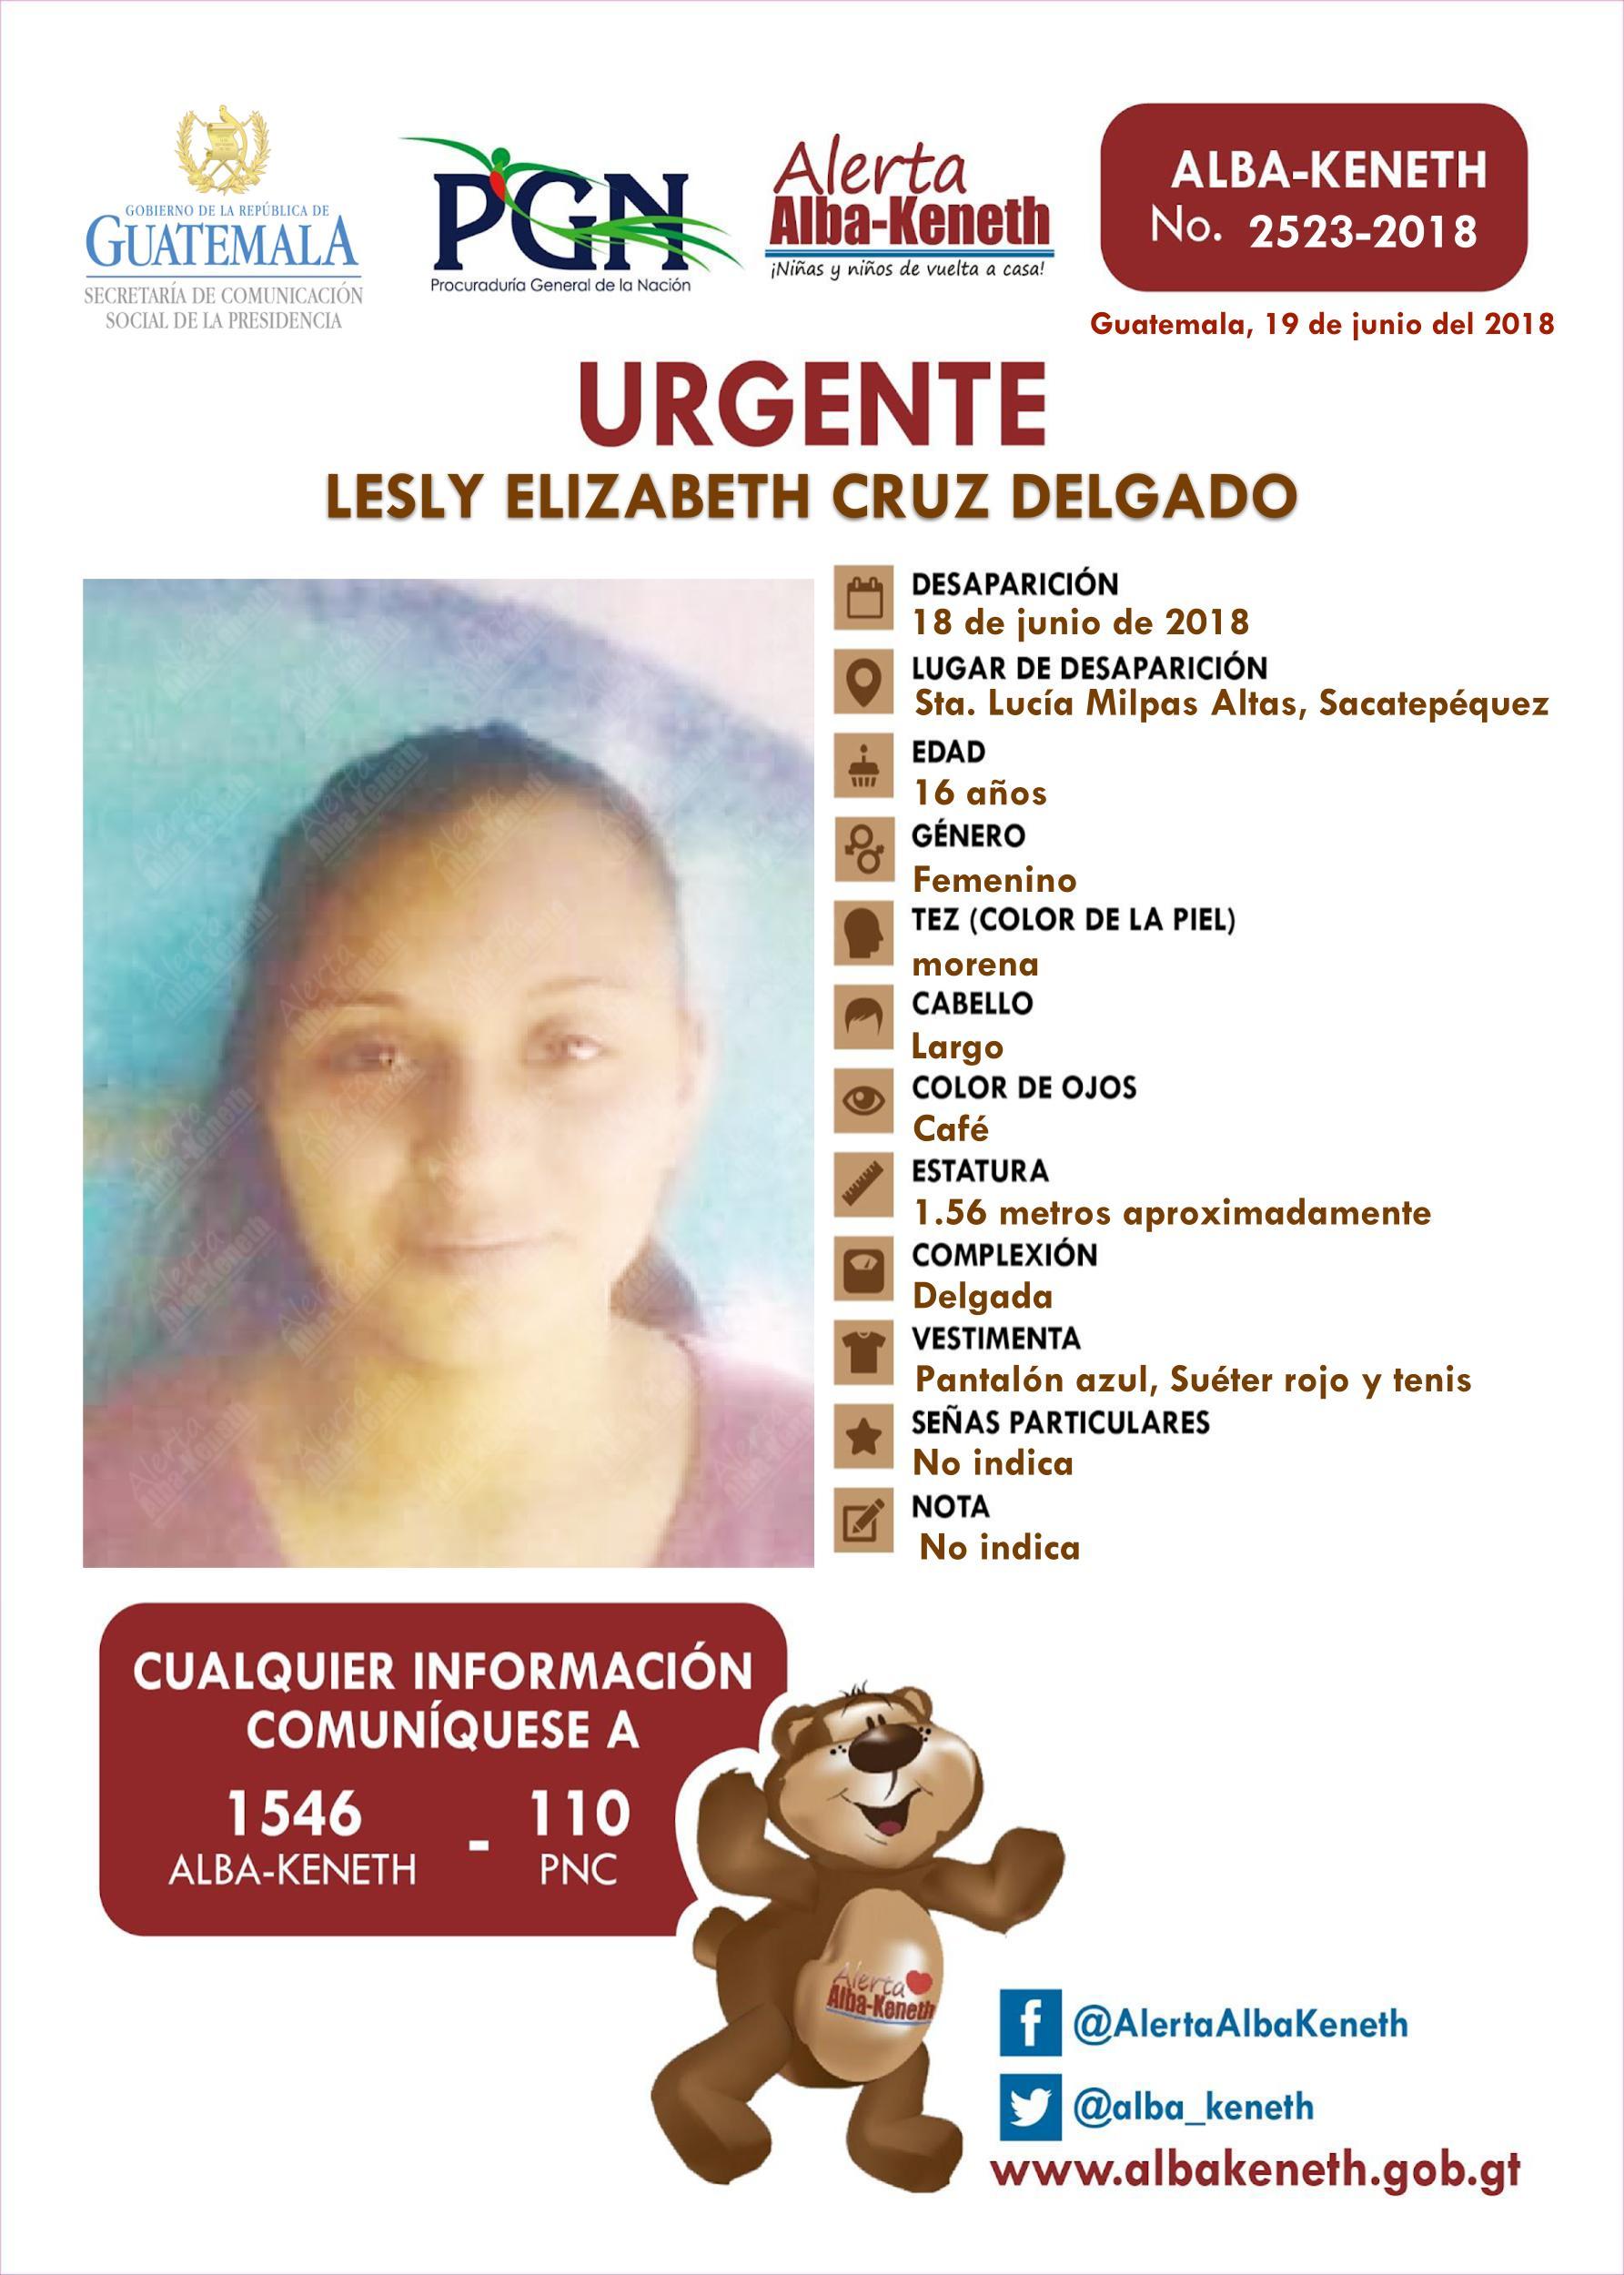 Lesly Elizabeth Cruz Delgado